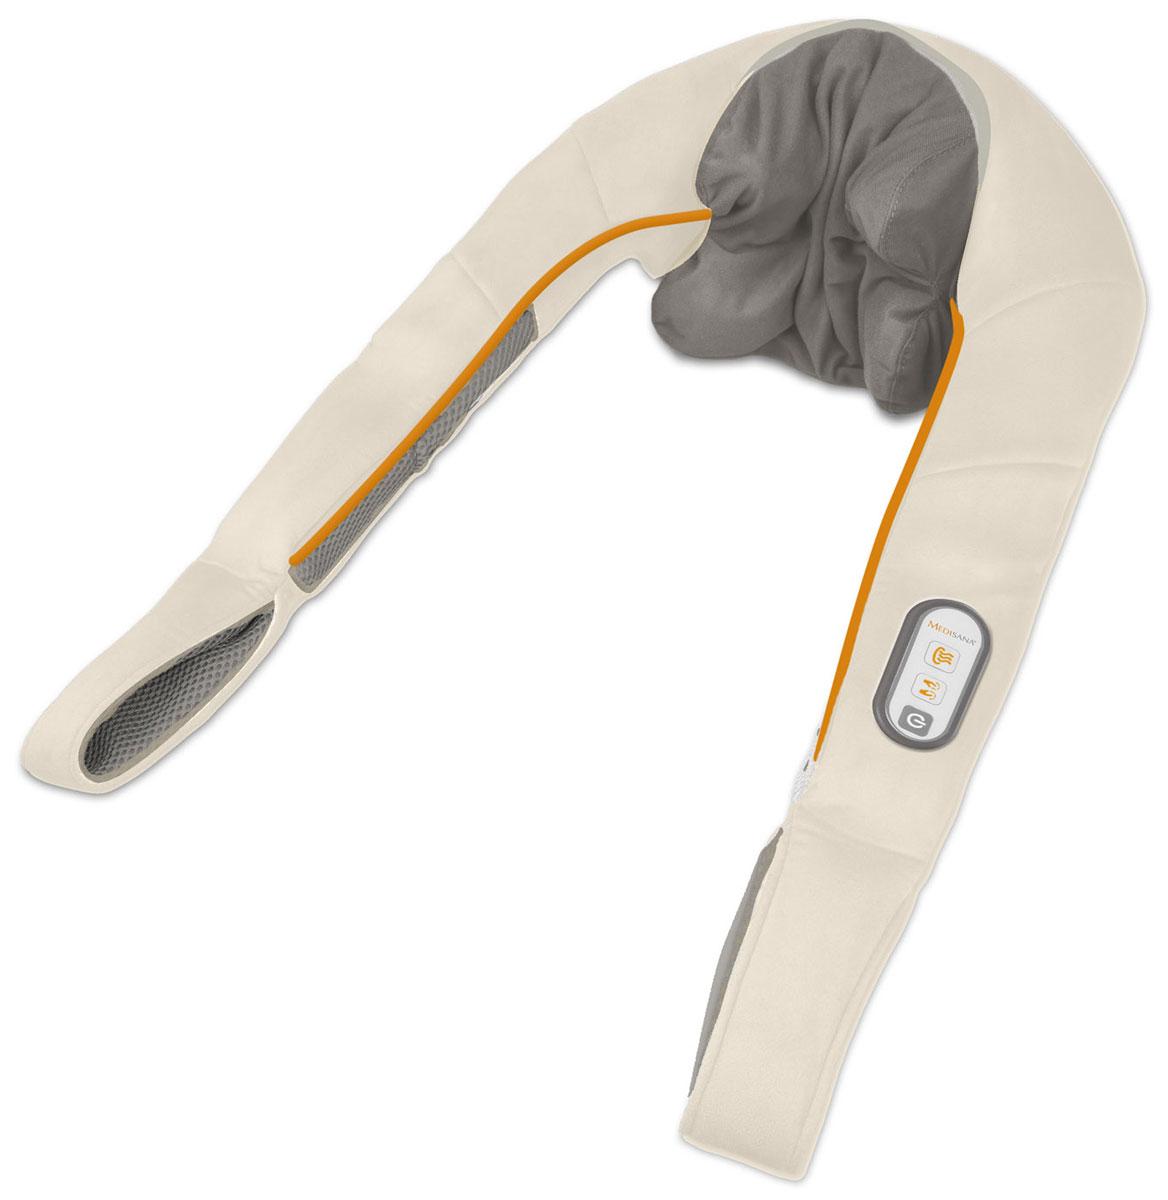 Medisana Массажёр для шеи и плеч, серия NM 86000000706Массажер для шеи и плеч Medisana NM 860 предназначен для массажа области шеи, затылка и плеч. Он является отличным физиотерапевтическим средством, позволяющим проводить полноценные массажные процедуры в домашних условиях. Ввиду определенных антропологических особенностей, шейный участок довольно часто подвергается чрезмерным нагрузкам, приводящим к различным осложнениям. Причиной таких нарушений может служить неправильная осанка или регулярное и длительное нахождение в неудобной сидячей позе. Благодаря удобной конструкции Medisana NM 860, сеансы массажа шеи можно проводить самостоятельно и без посторонней помощи.Массажер Medisana NM 860 особенно эффективен как средство профилактики шейного остеохондроза, ревматизма и радикулита. Также, с его помощью можно успешно лечить такие невралгические нарушения как защемленный либо простуженный нерв в области шеи и верхней части спины. Главным преимуществом Medisana NM 860, при лечении невралгических заболеваний, является прогревающая функция, обеспеченная инфракрасным излучением, отличающимся высокой проникающей способностью.Массажер для шеи, не смотря на свою узкую направленность, является довольно универсальным физиотерапевтическим средством и также успешно может применяться для массажа спины, плеч, живота, голеней и бедер. Воздействие на мягкие ткани осуществляется посредством четырех массажных головок, эргономическая форма которых, обеспечивает деликатное и продуктивное влияние. Благодаря двум режимам интенсивности, становится возможным проводить как легкий расслабляющий, так и массированный лечебный массаж. Регуляция нагрузки на обрабатываемую часть тела осуществляется в ручную, при помощи специальных ремней. Для управления режимами служит встроенный в конструкцию массажера контрольный блок. Питание массажера Medisana NM 860 может производиться как от сети, так и от батареек.Преимущества массажера для шеи и плеч Medisana NM 860:Интенсивный шиатсу массаж области шеиПри